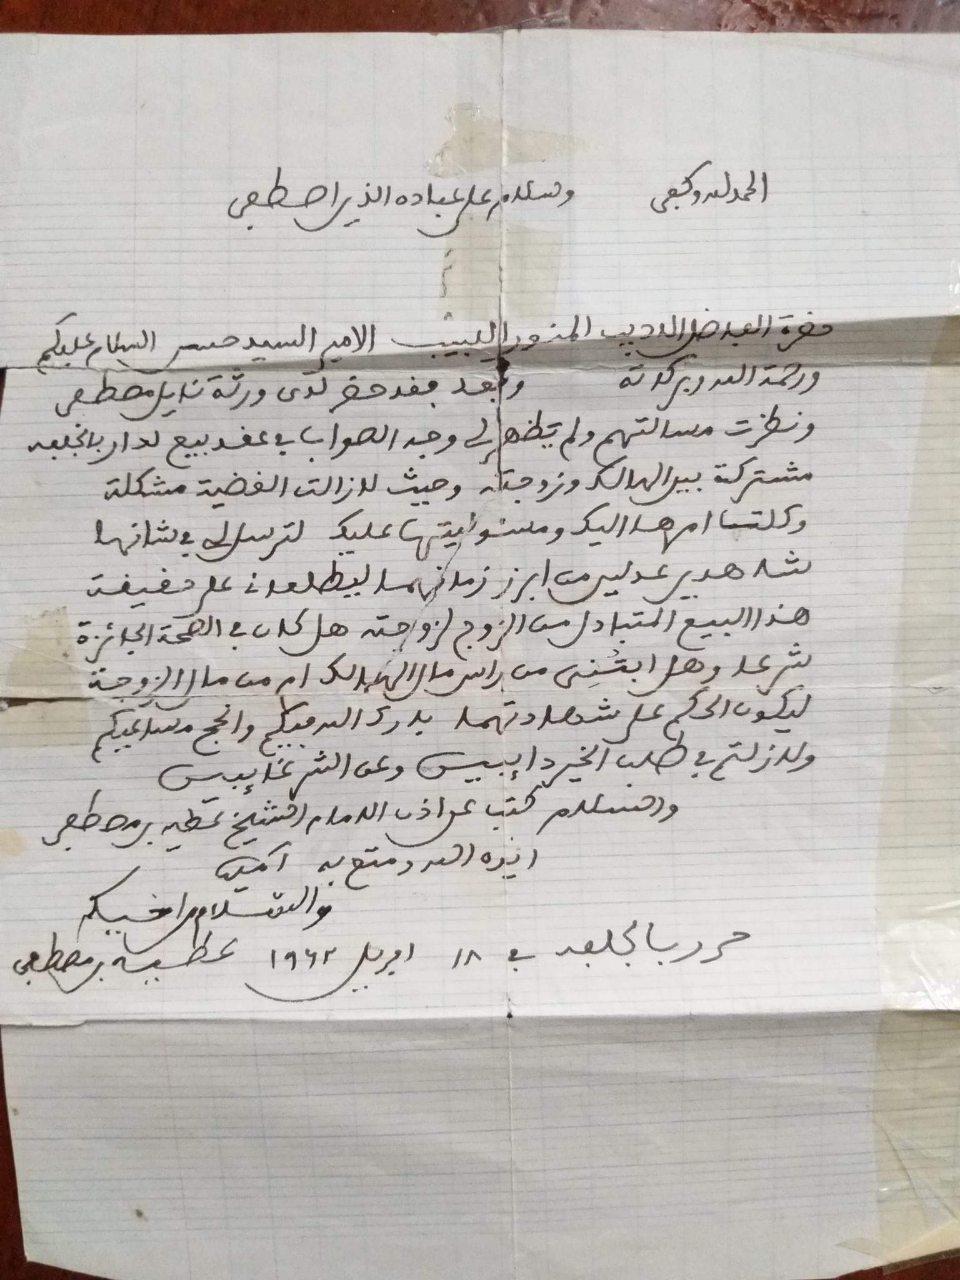 رسالة إلى الإمام الأمير حسين بخصوص فتوى